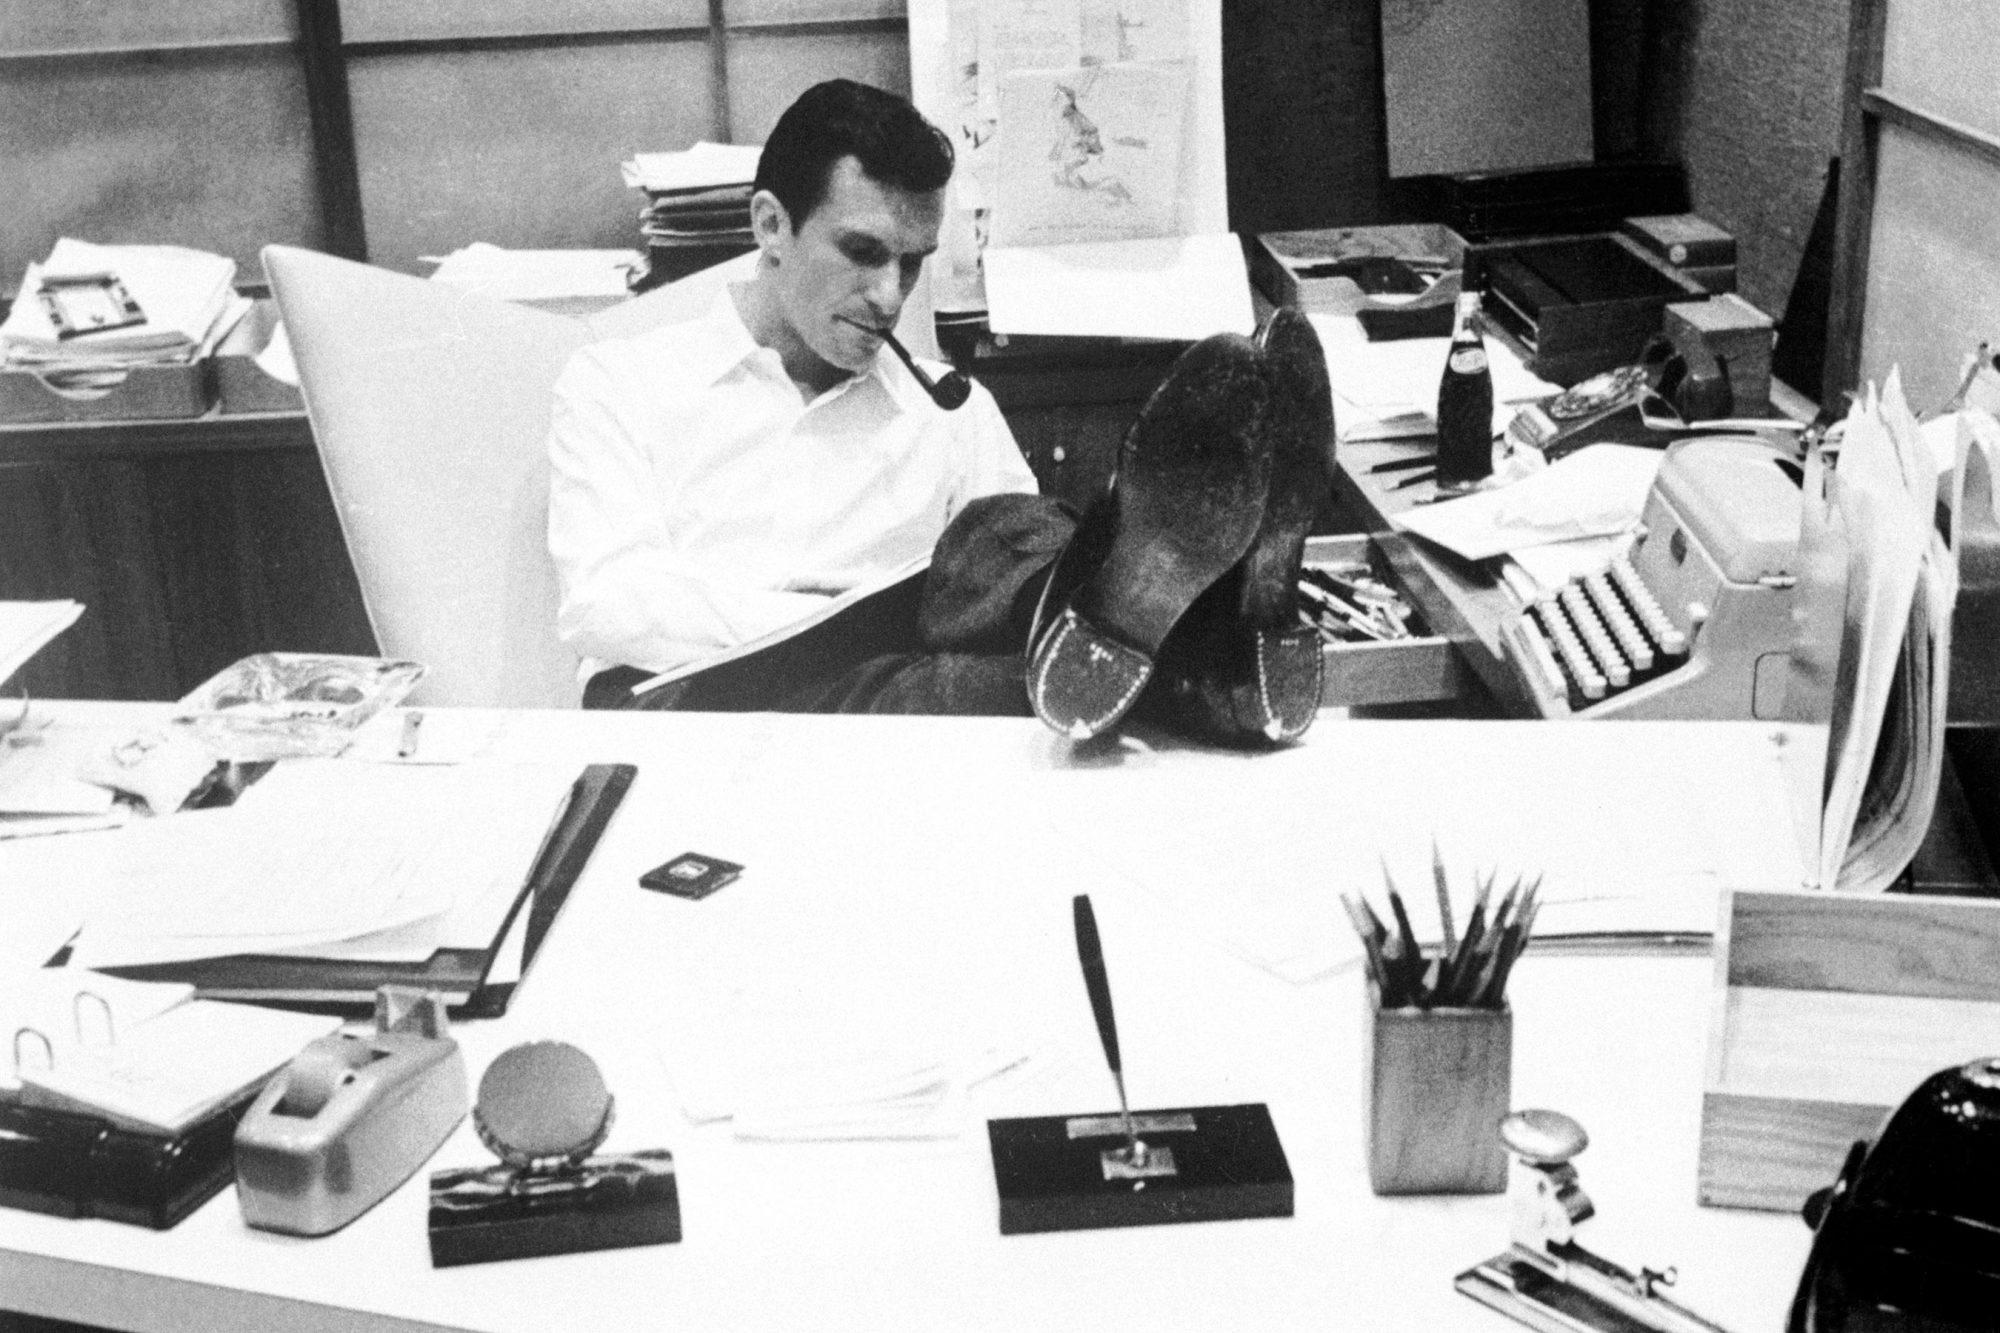 Hugh Hefner at Work in His Office